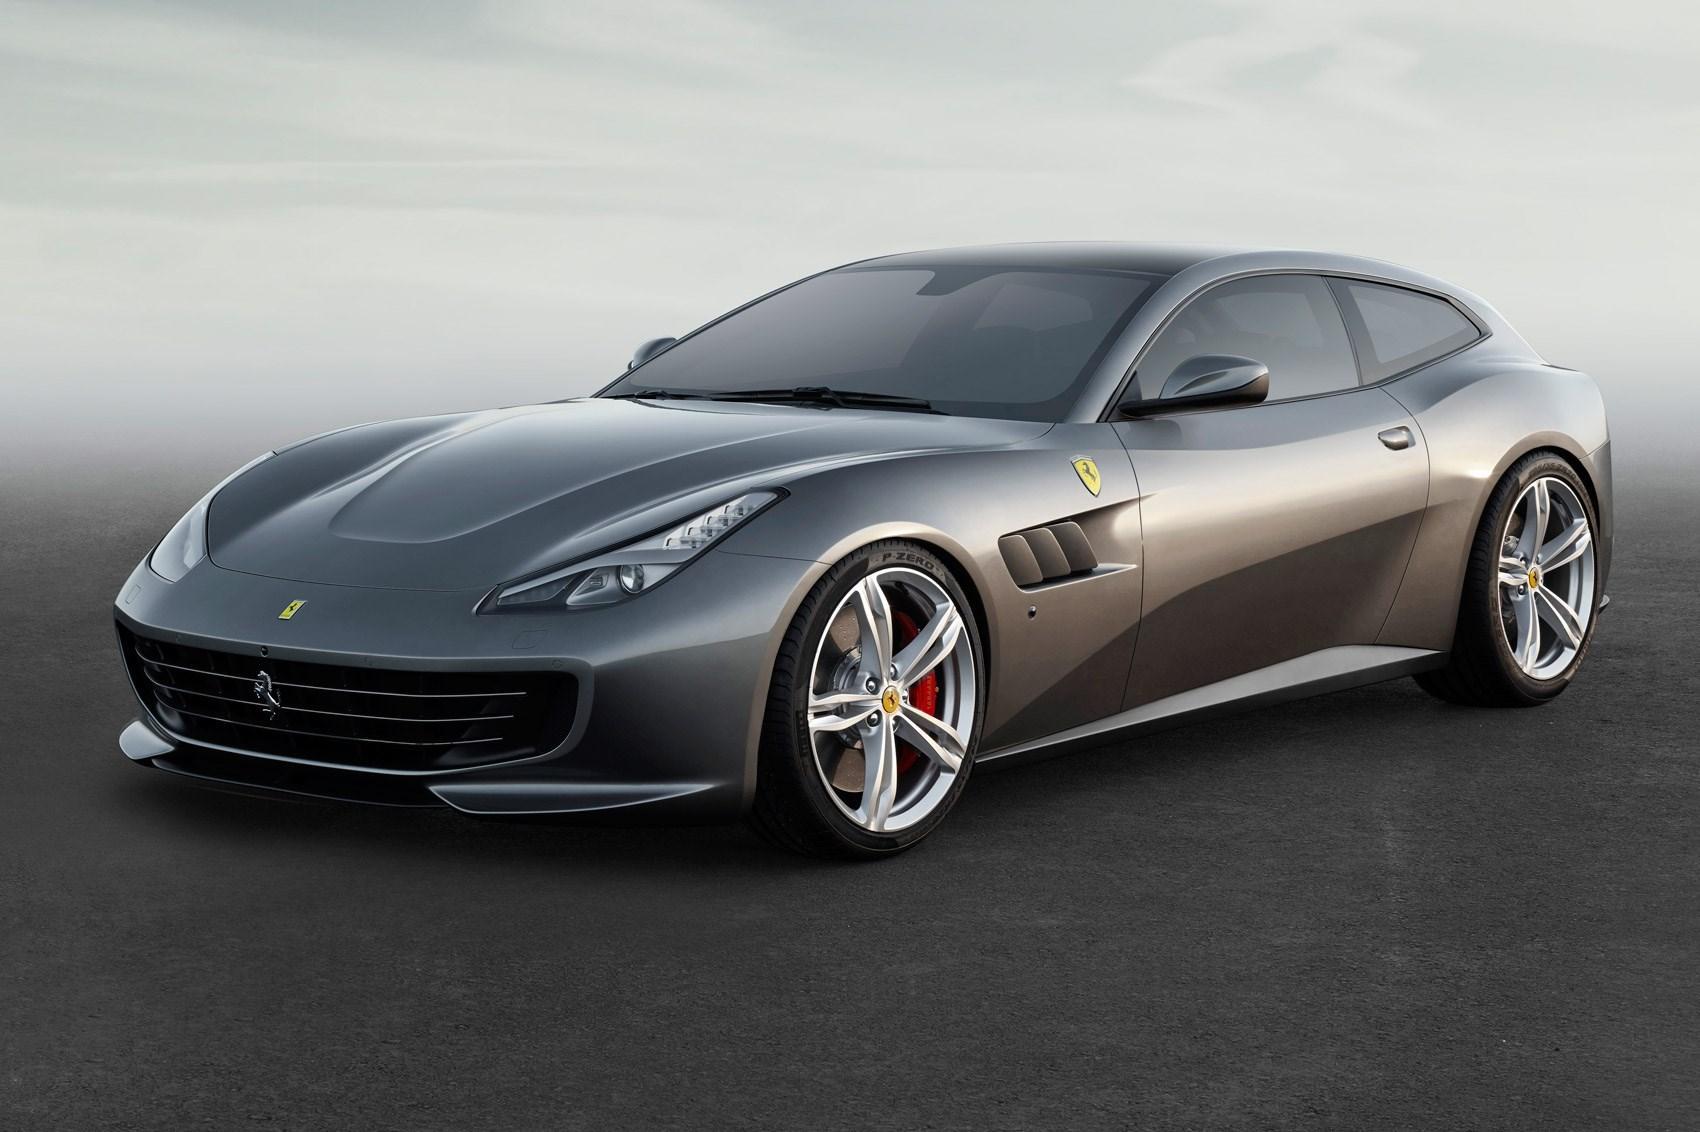 Ferrari Gtc4lusso 0 60 Quarter Mile Acceleration Times Accelerationtimes Com